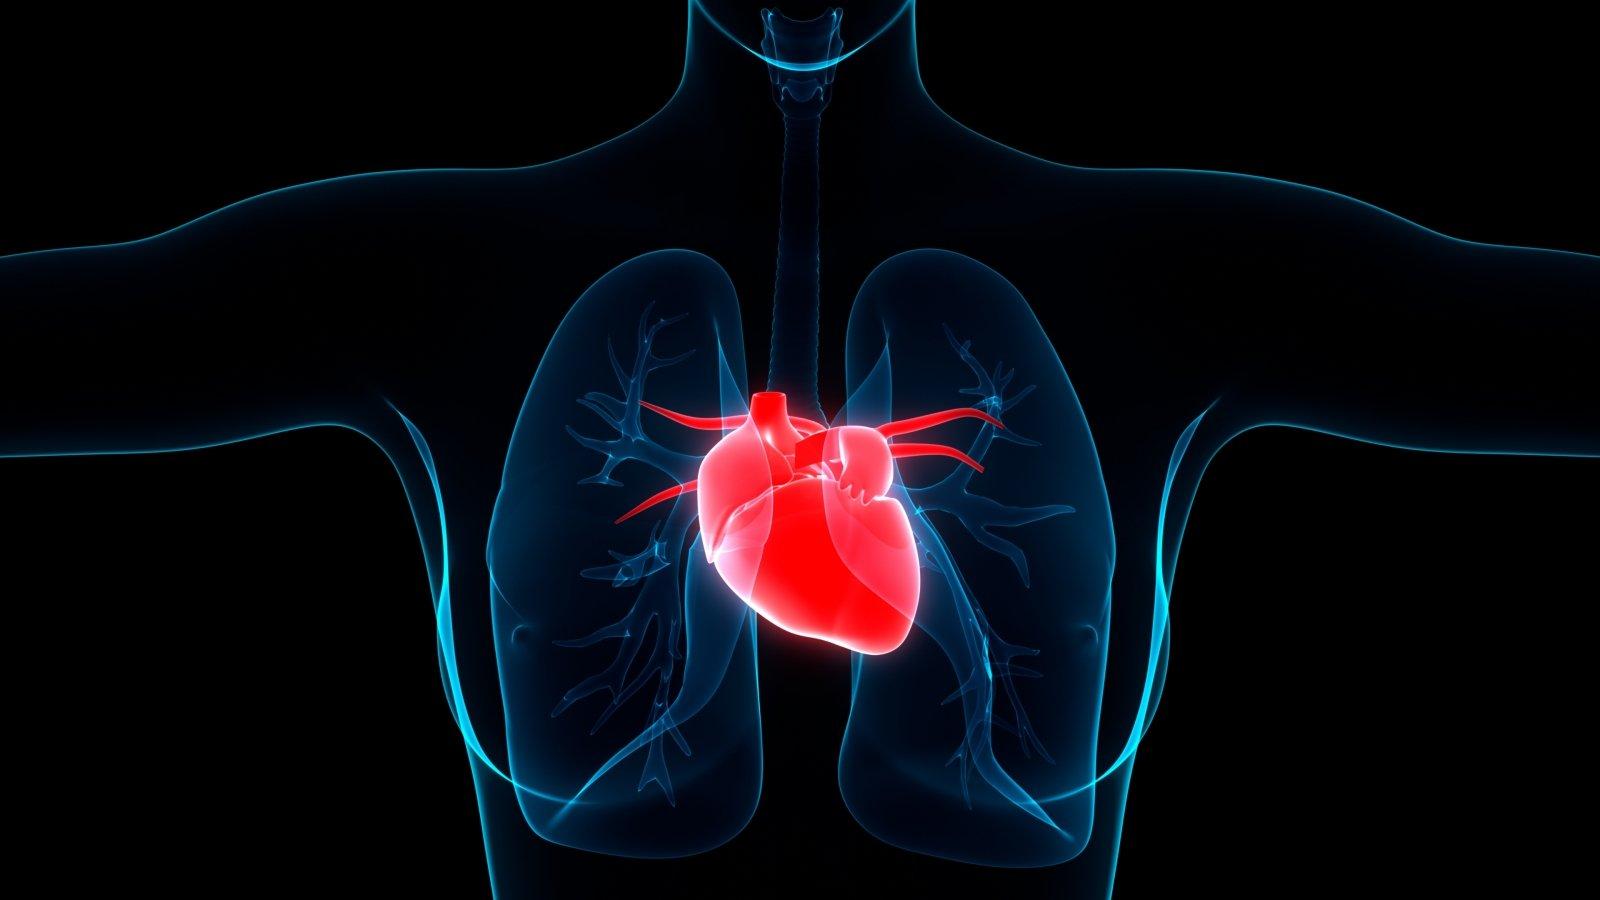 geriausia vitamino širdies sveikata greitai veikiantys vaistai nuo hipertenzijos